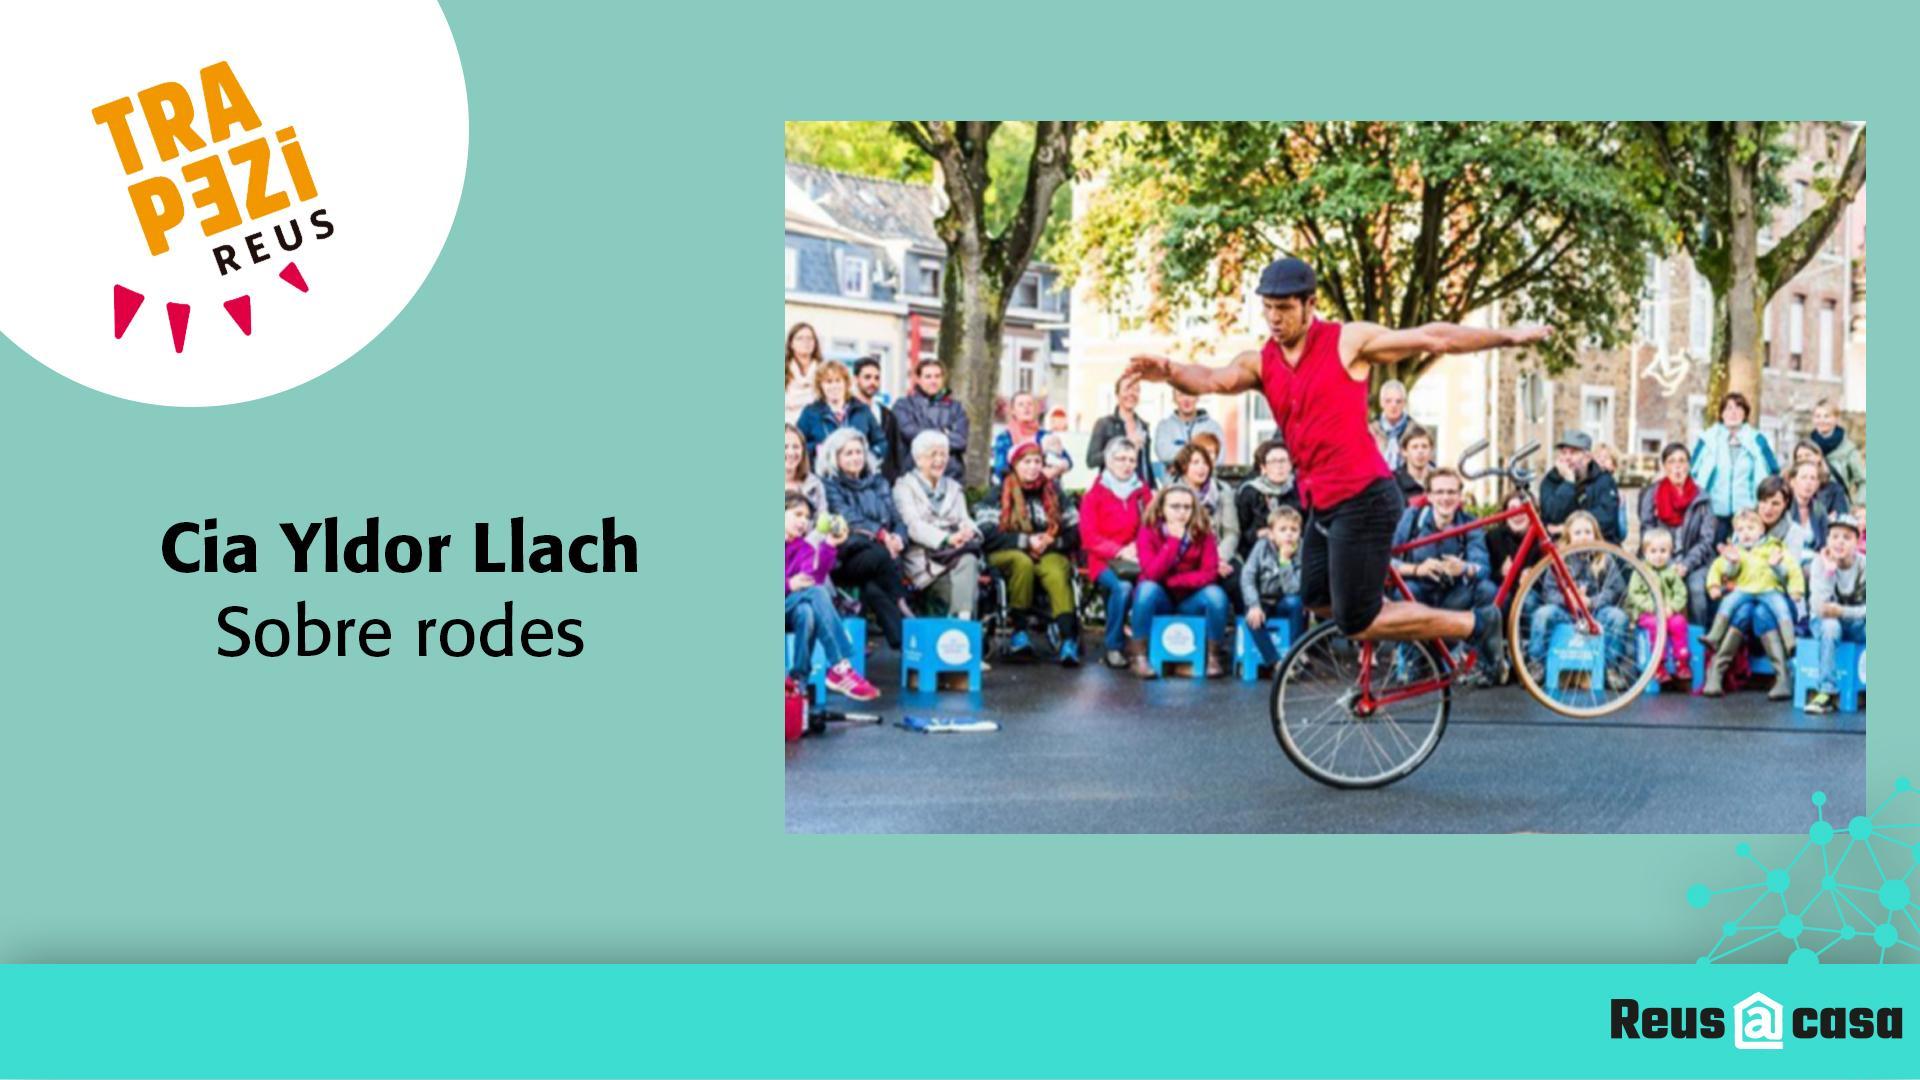 Fira Trapezi Reus: Cia Yldor Llach - Sobre rodes